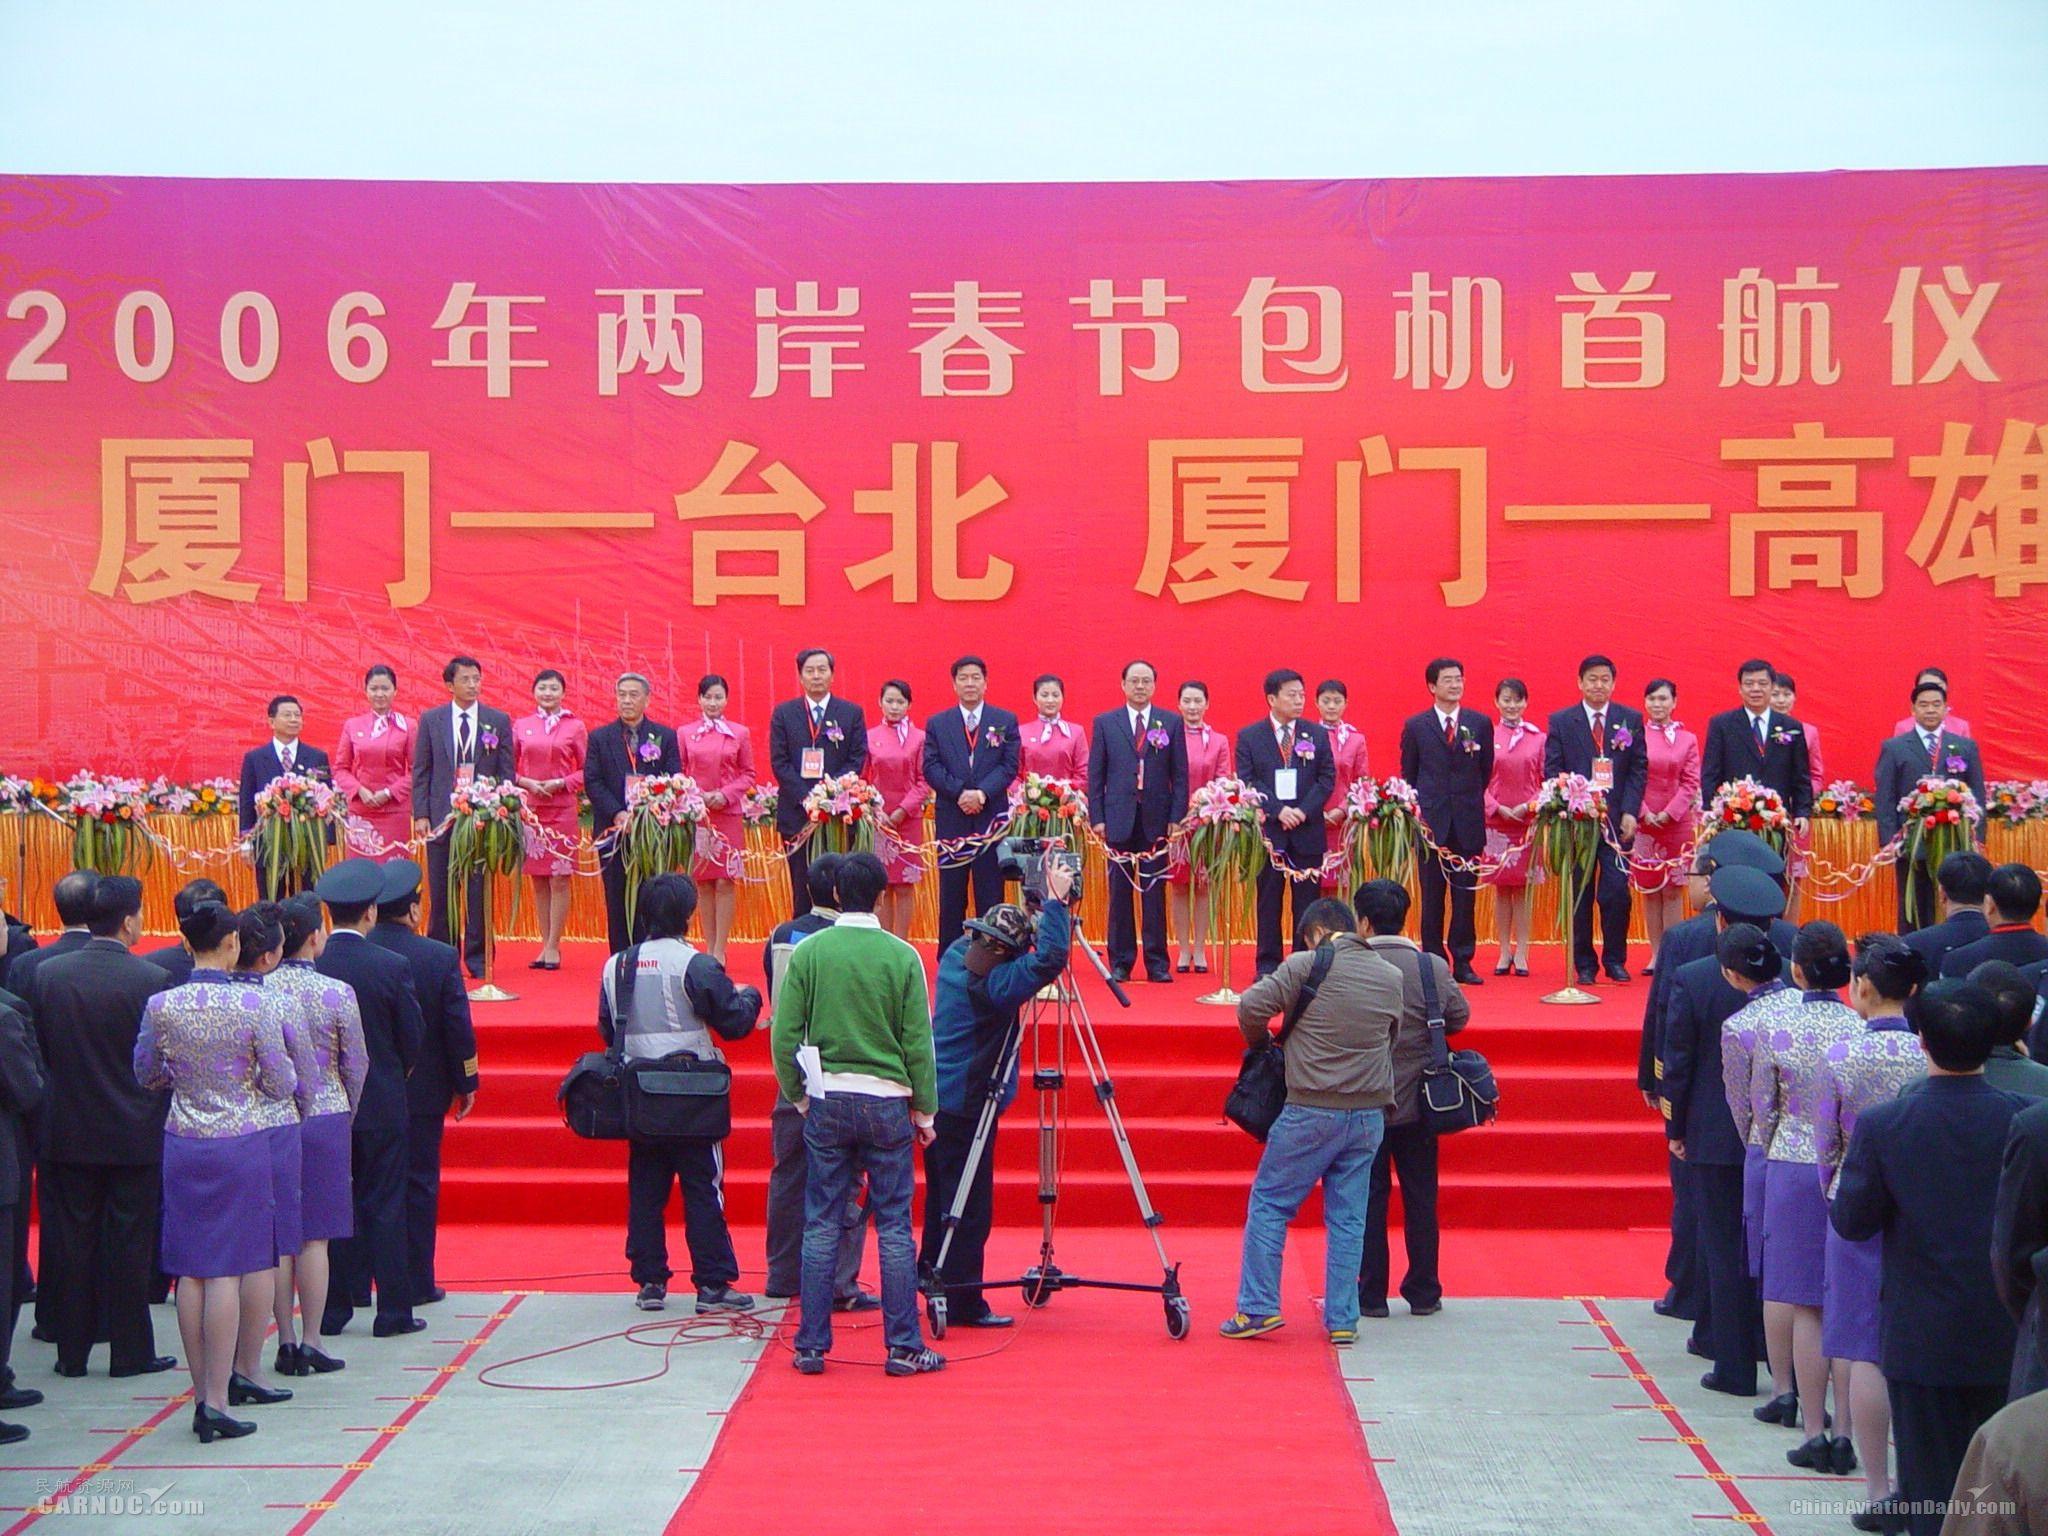 2006年海峡两岸春节包机首航仪式